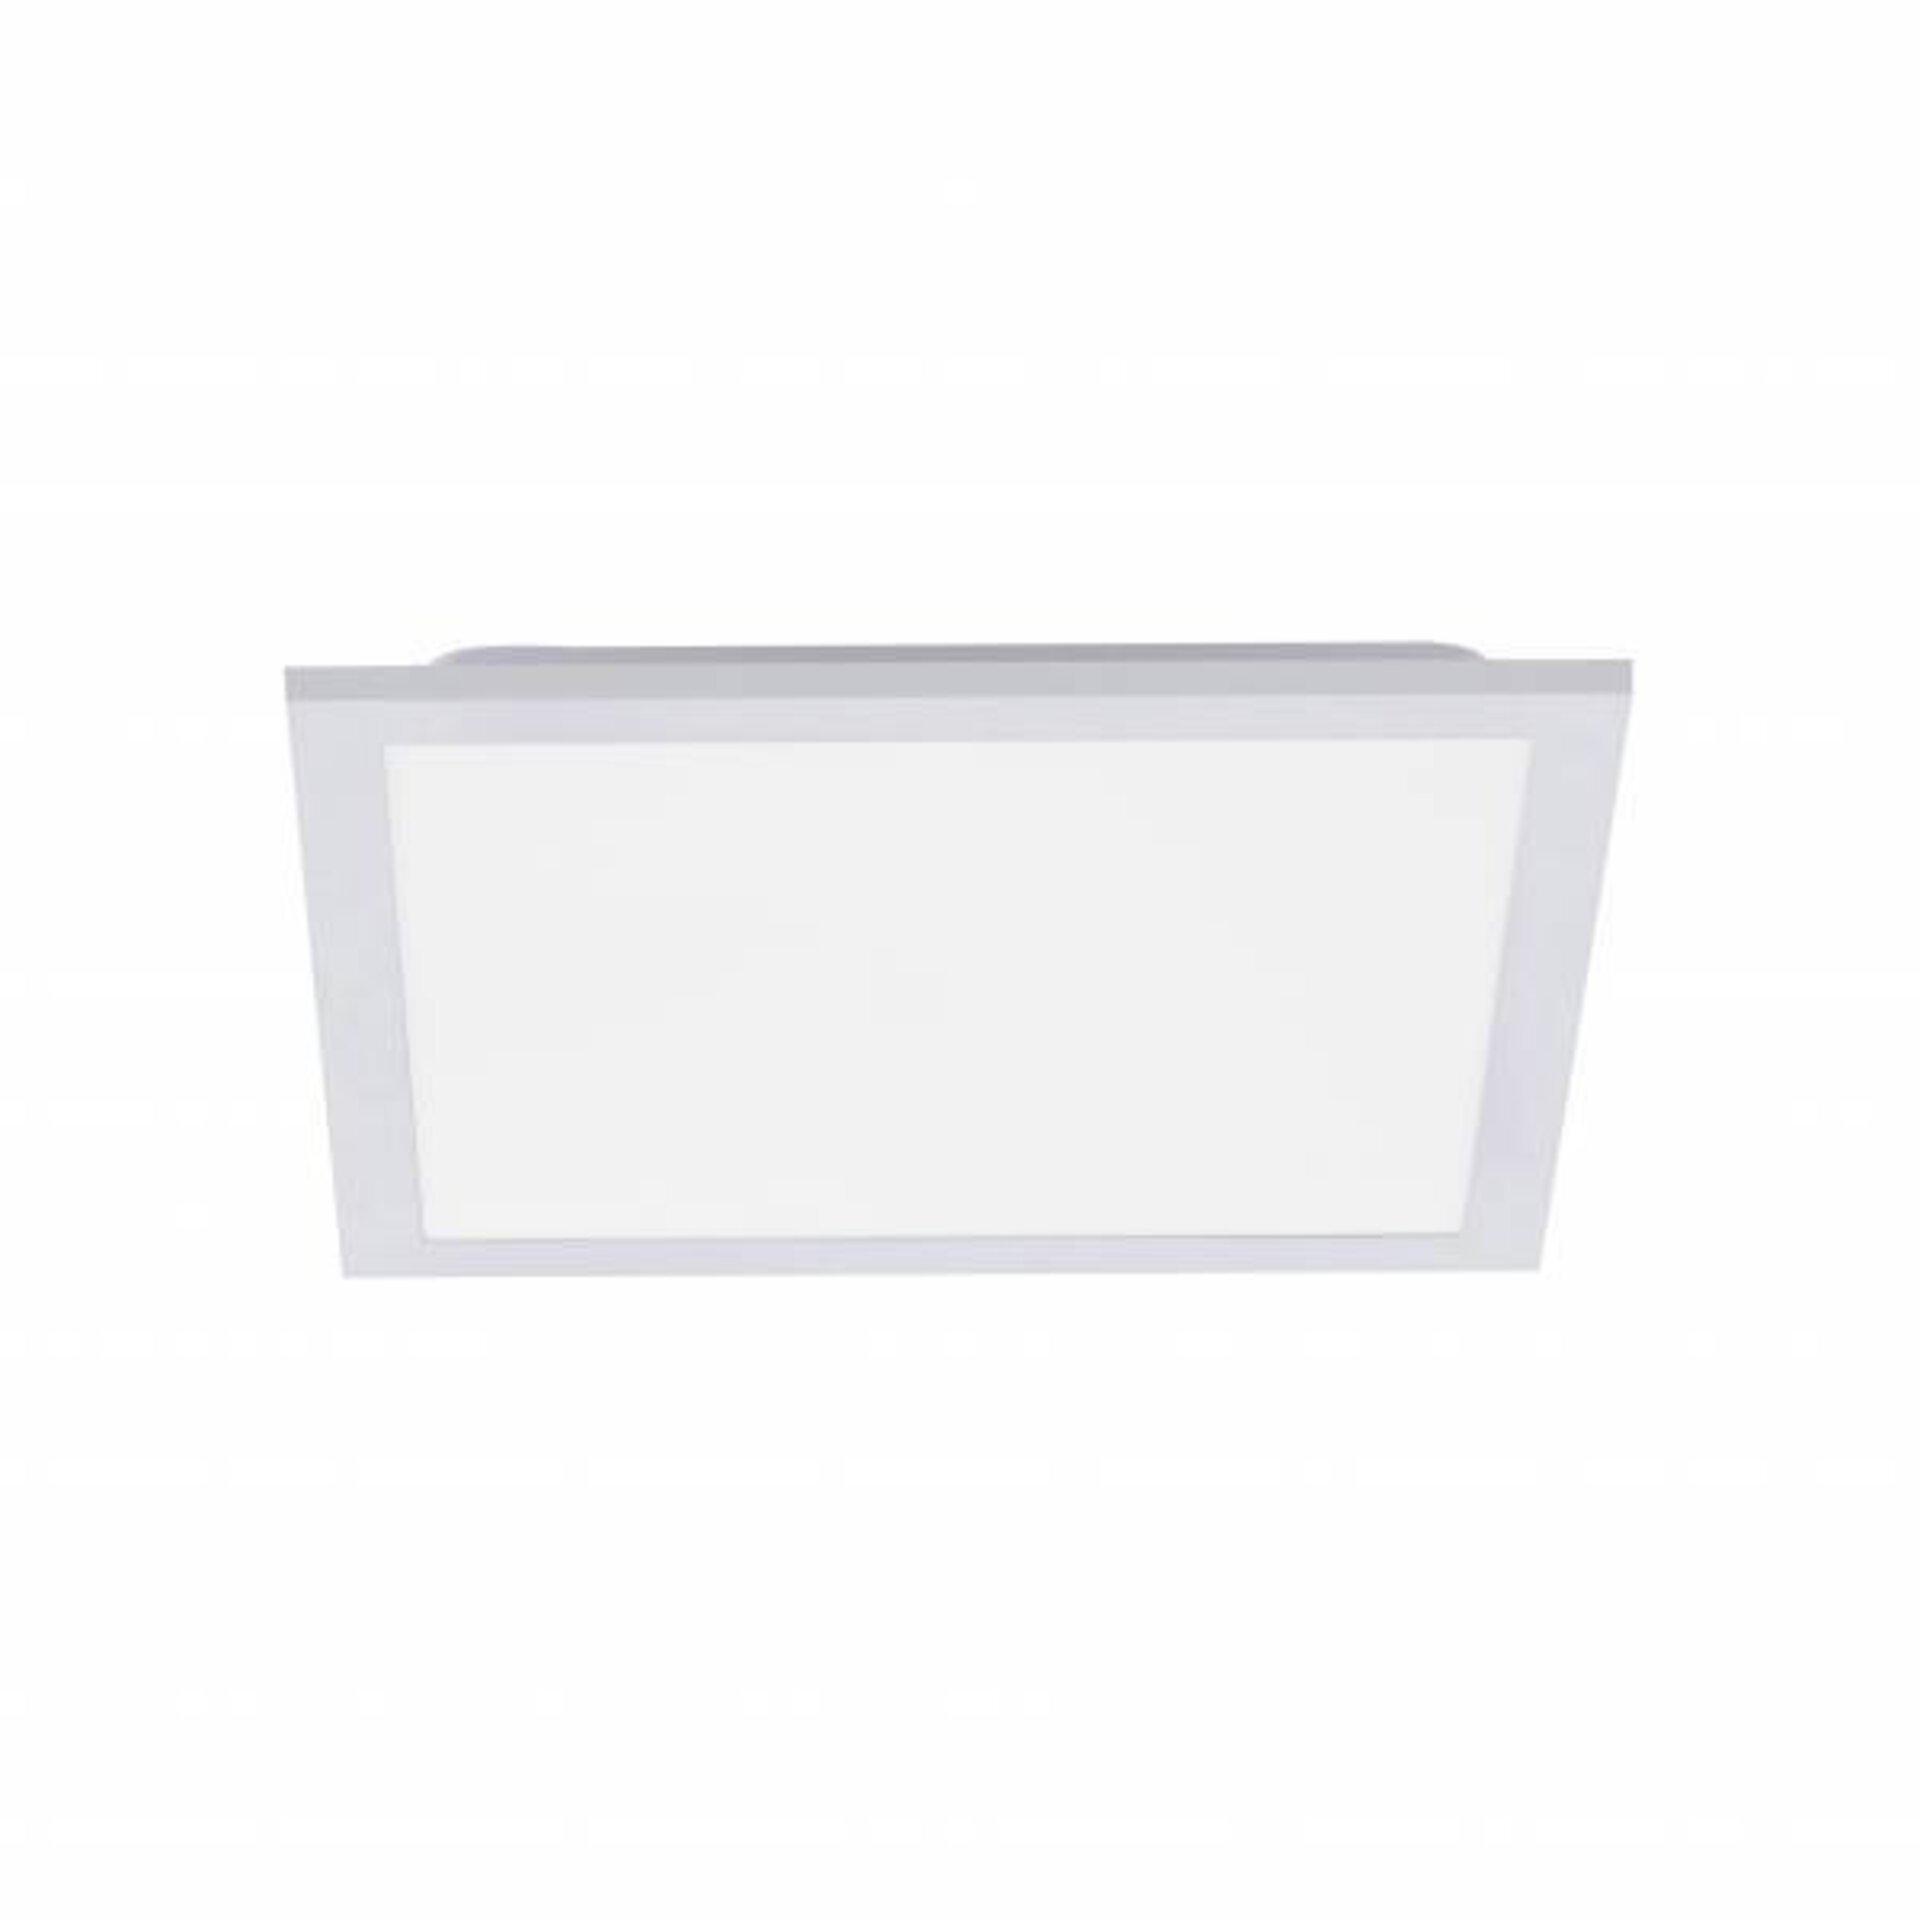 Deckenleuchte FLEET Leuchtendirekt Kunststoff 30 x 6 x 30 cm